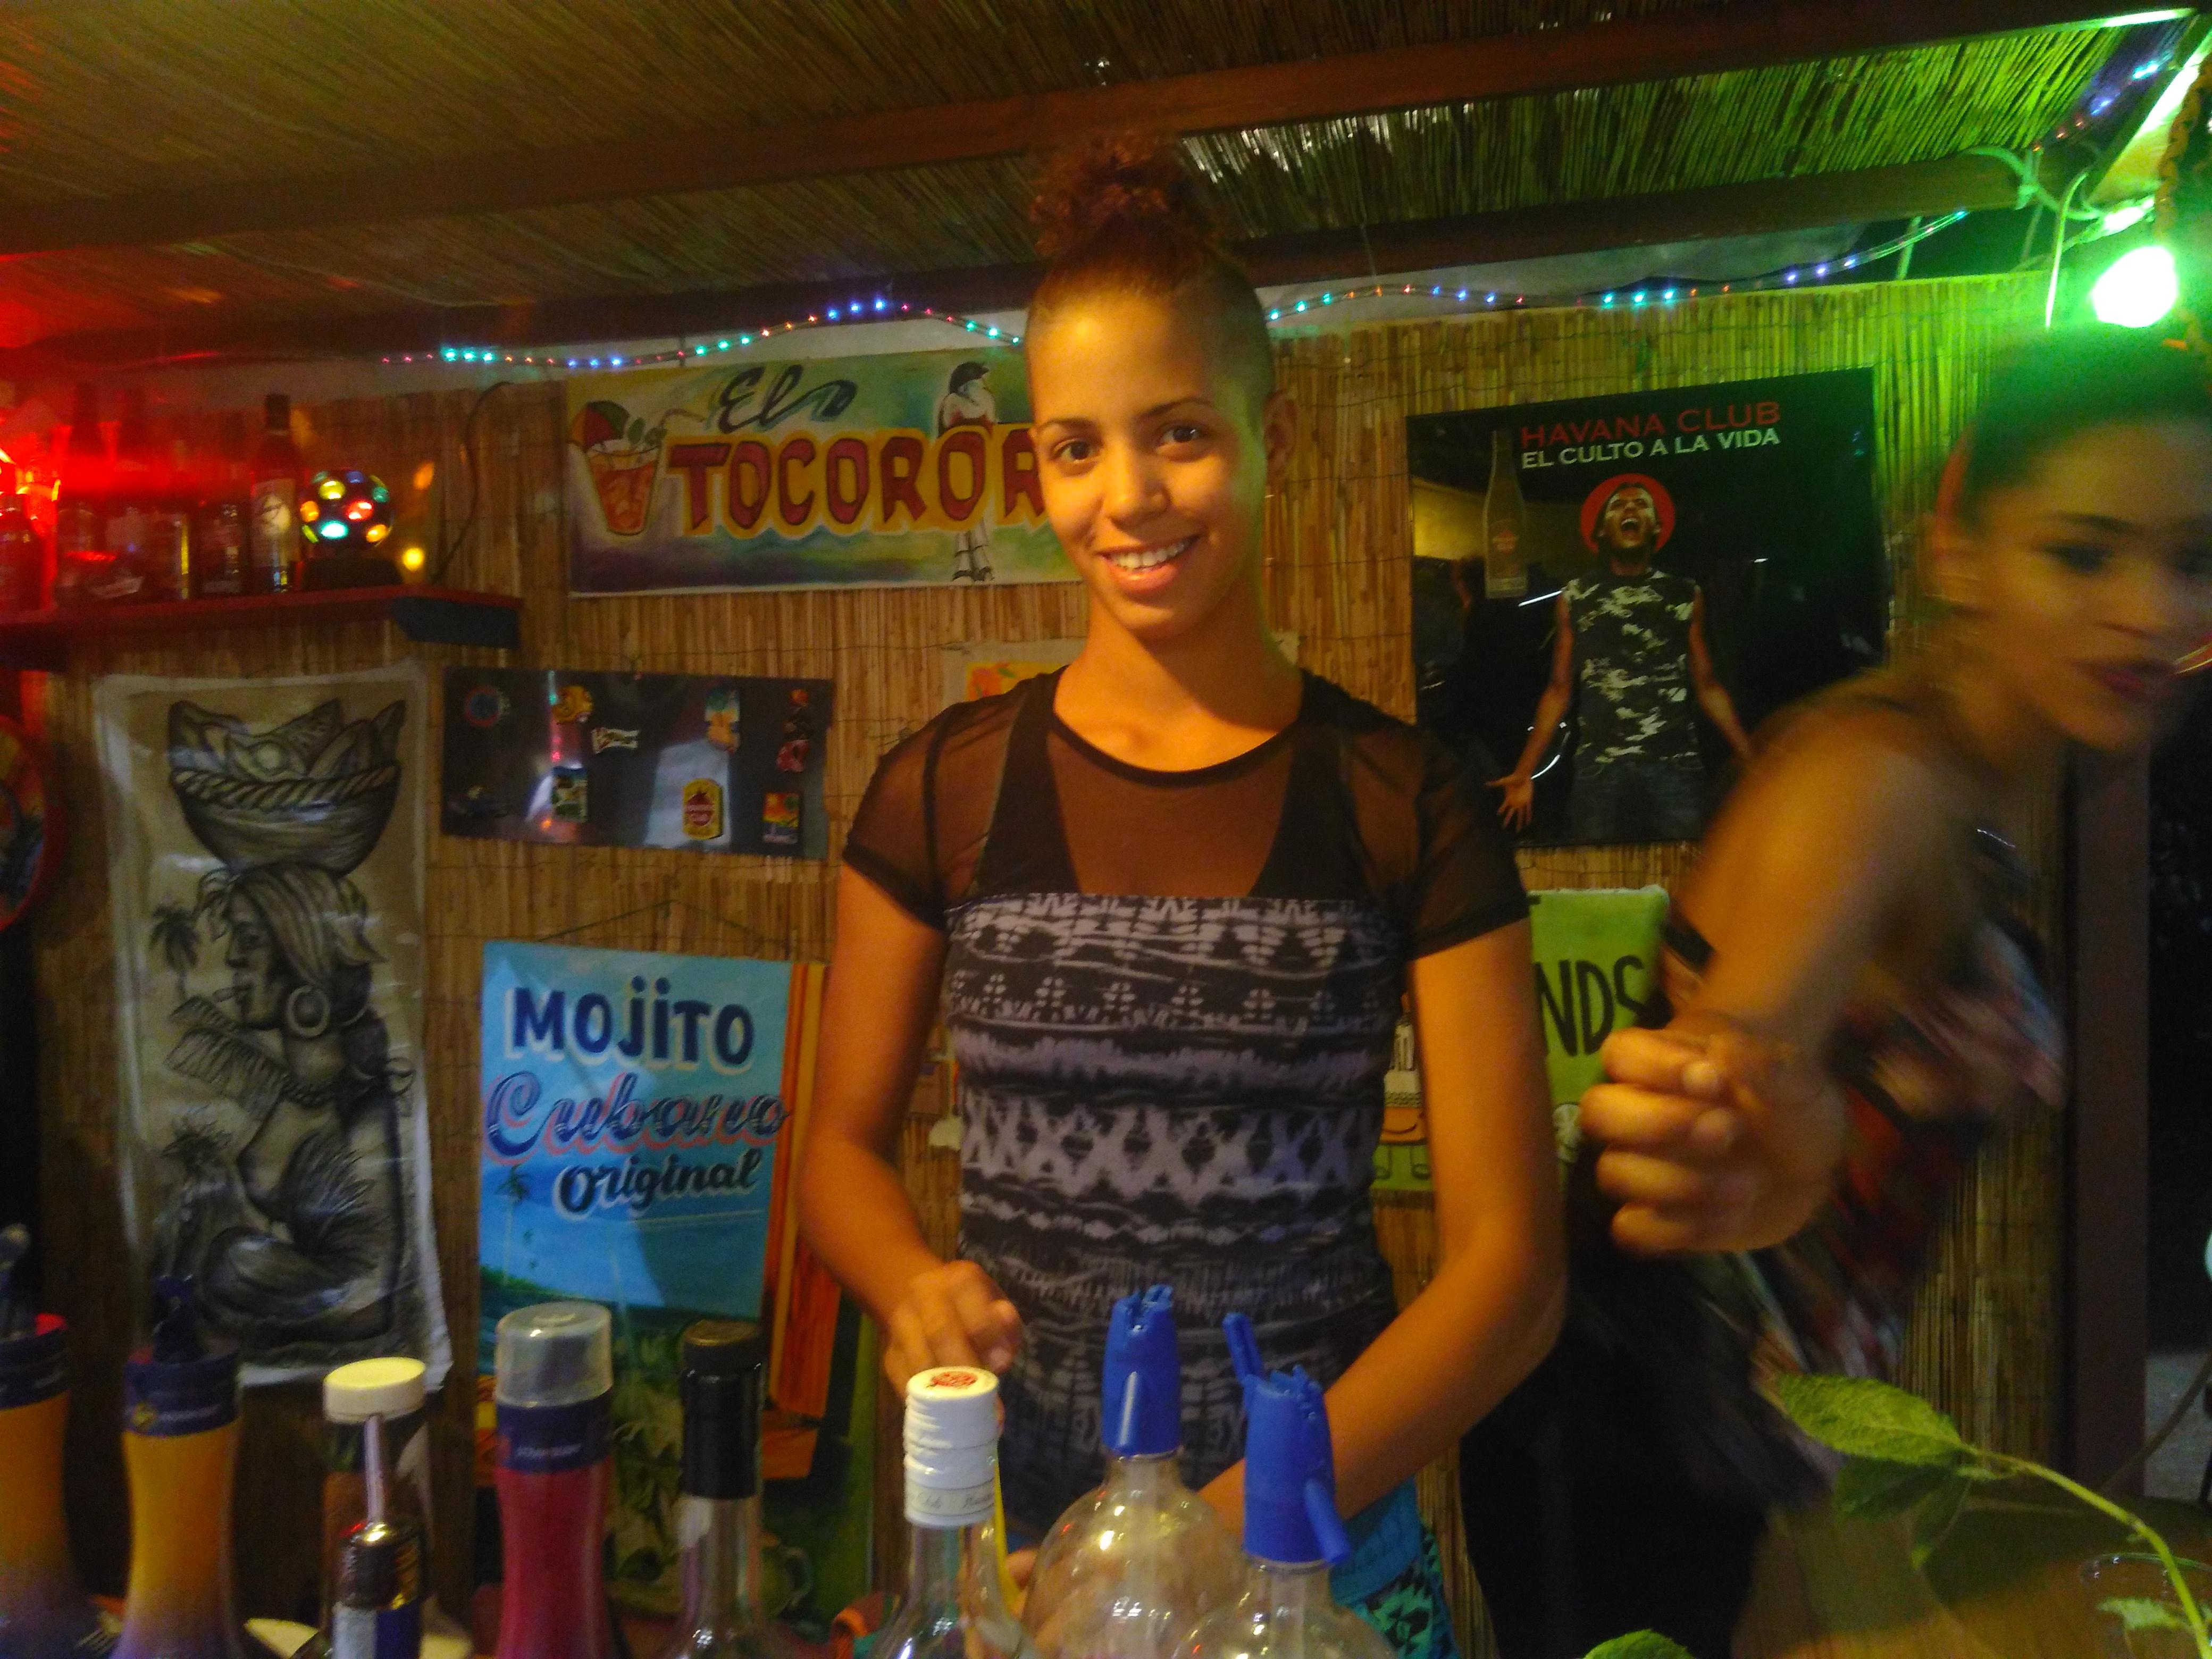 bar tocororo (2)